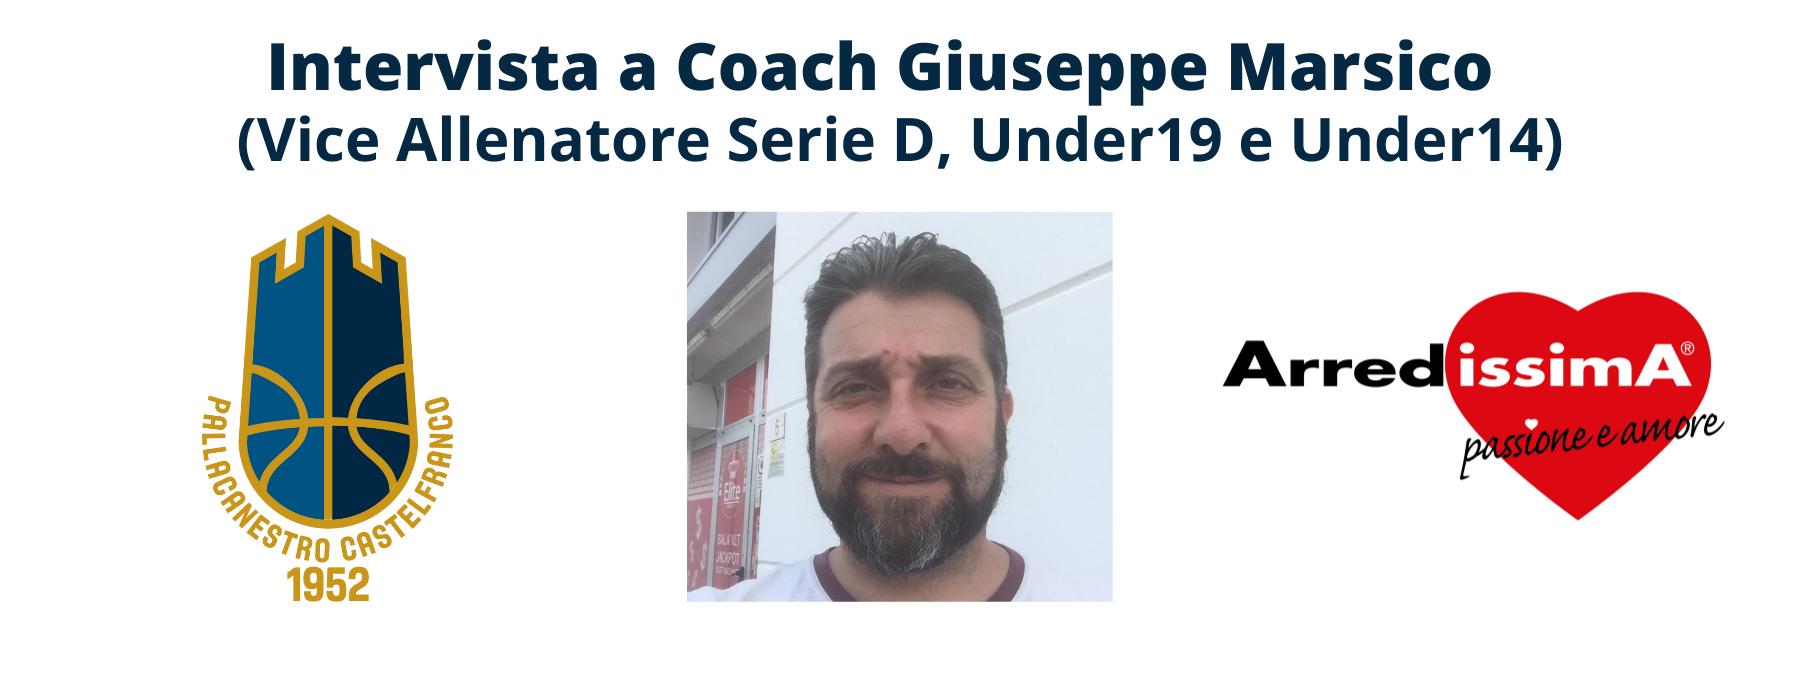 Intervista a Coach Giuseppe Marsico